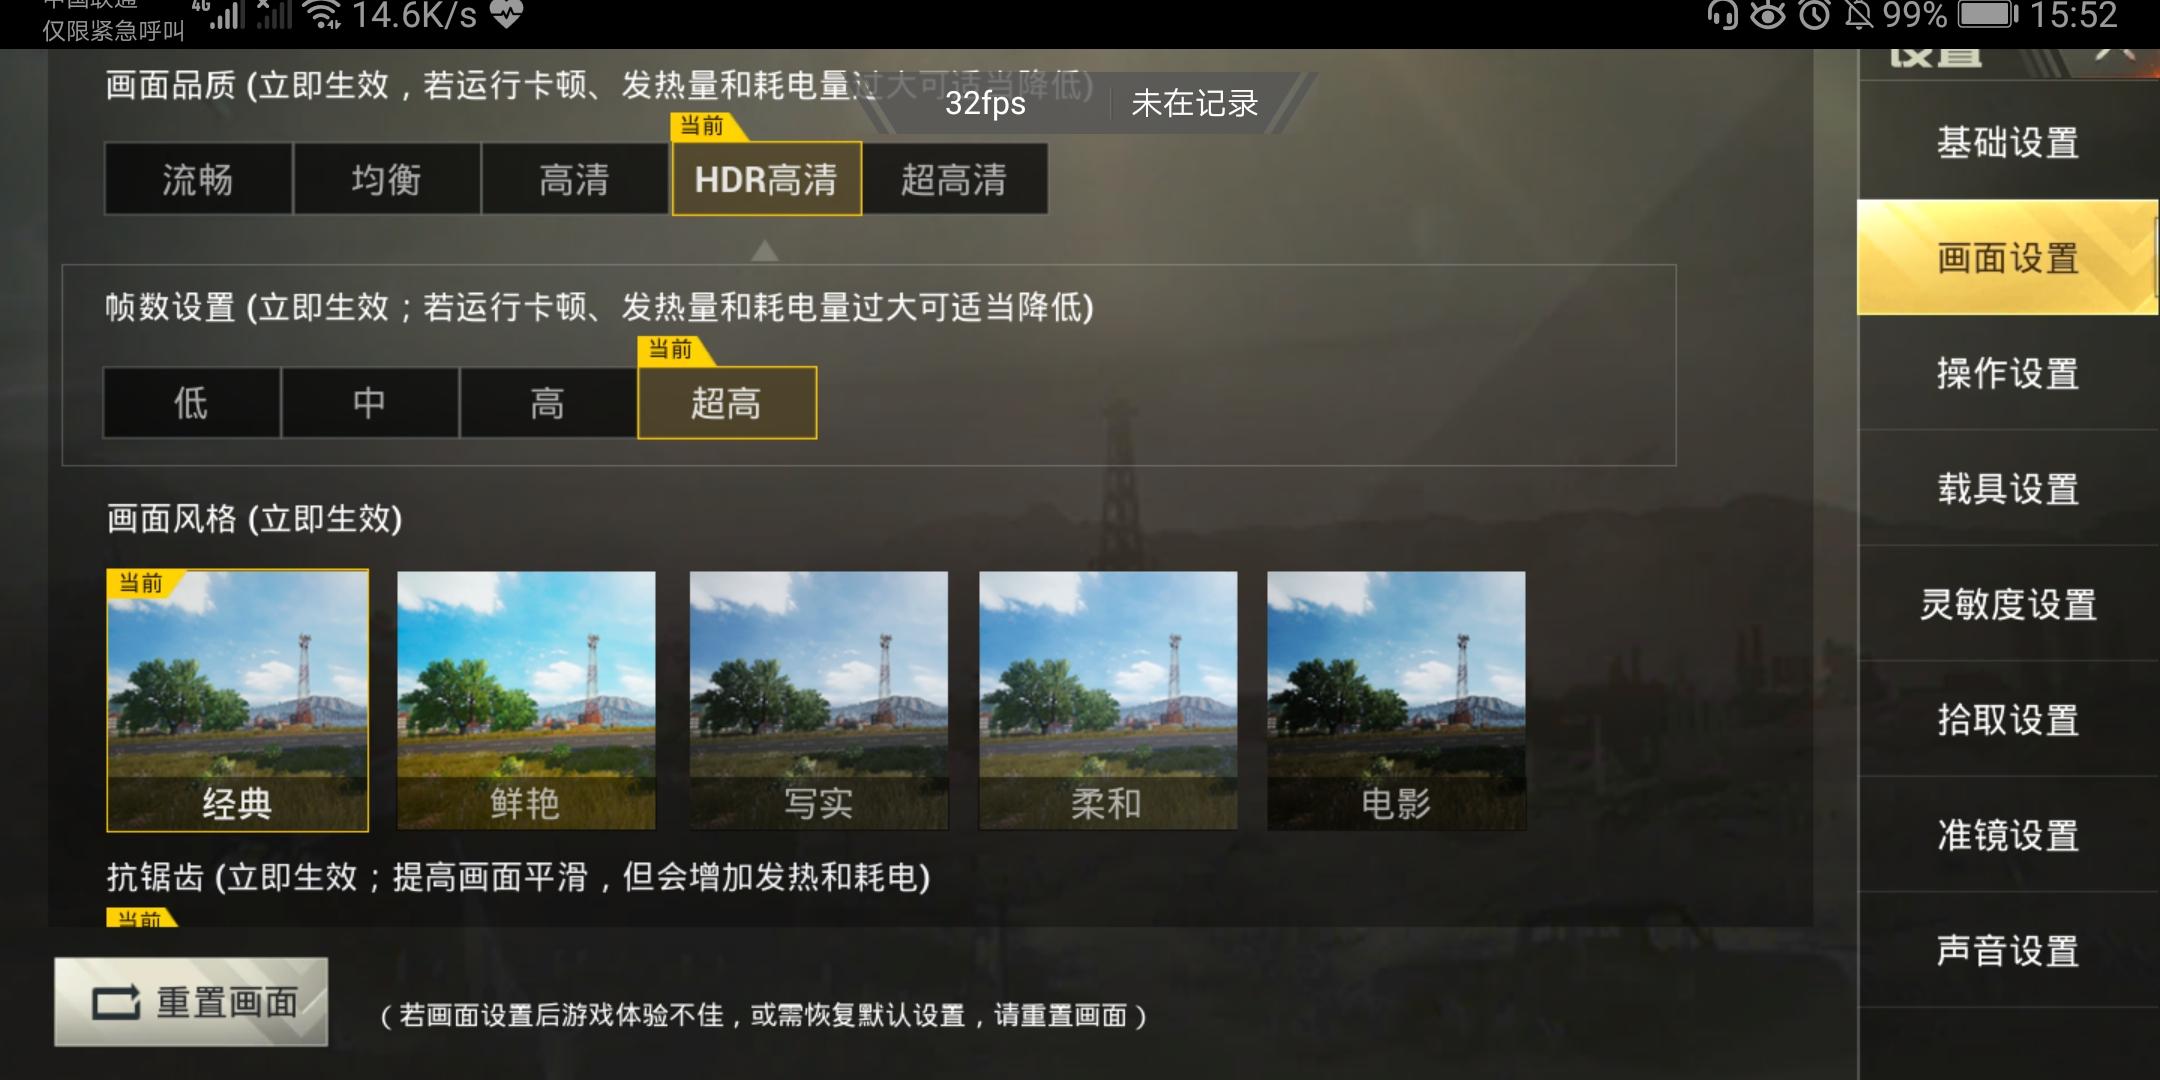 Screenshot_20181130_155247_com.tencent.tmgp.pubgm.jpg